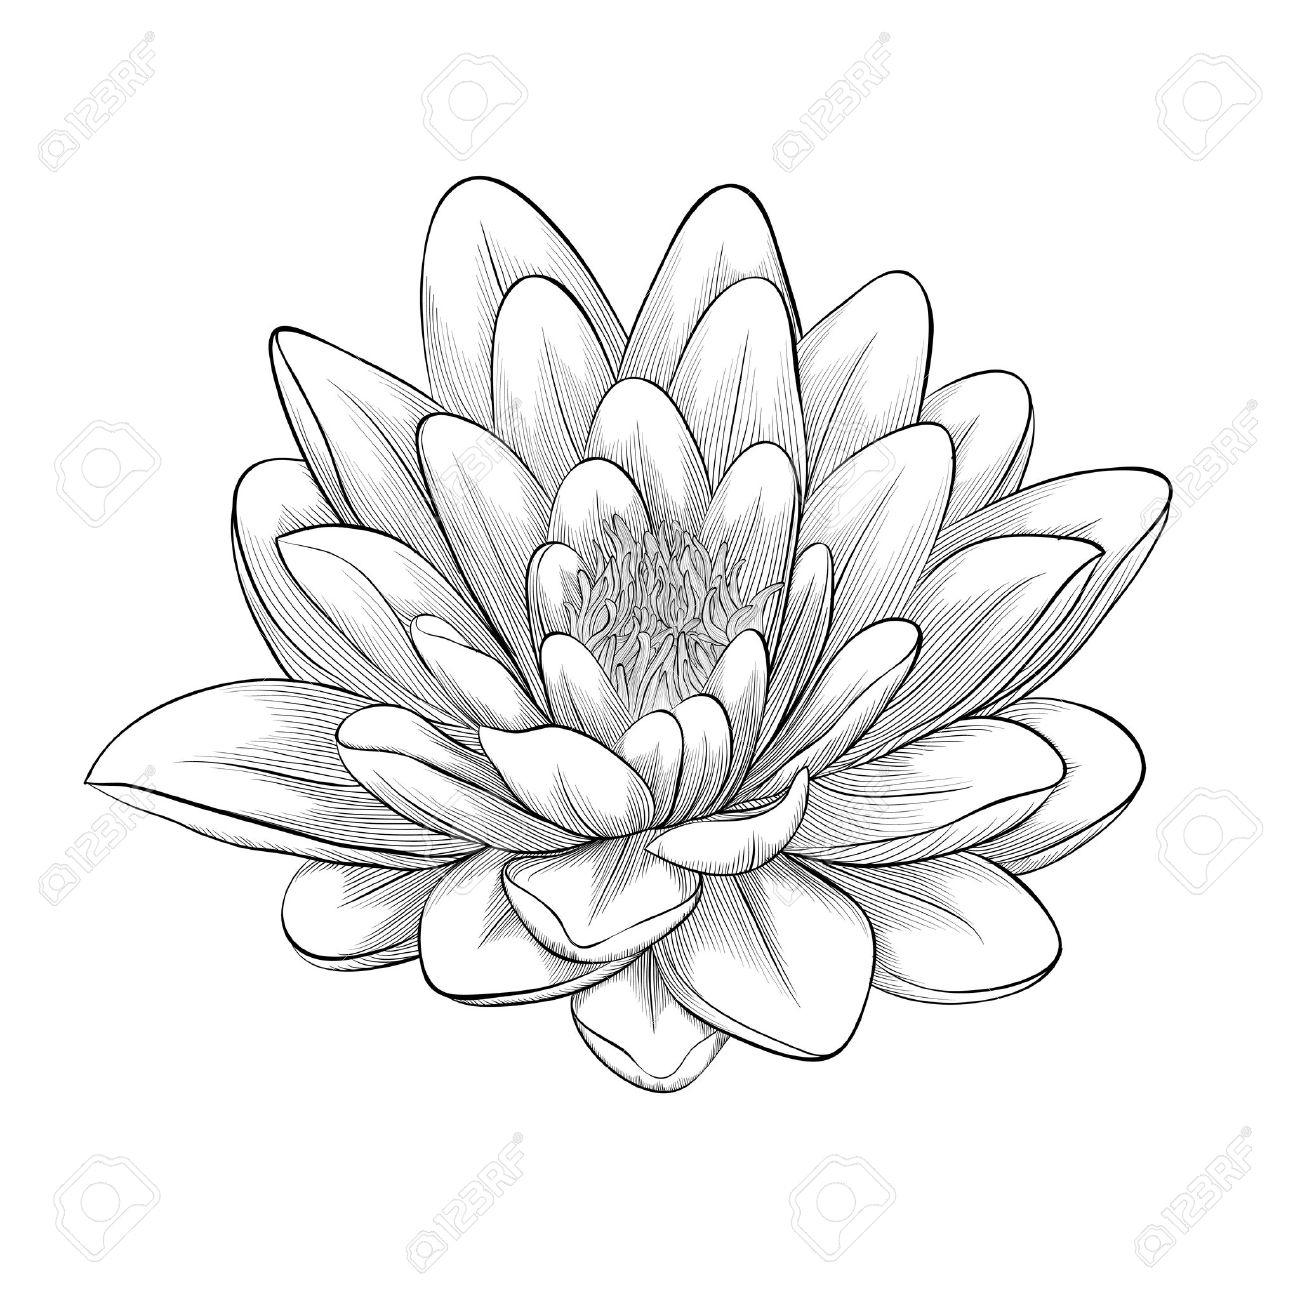 1300x1300 Lotus Beautiful Drawing Lotus Flower Drawing Black And White